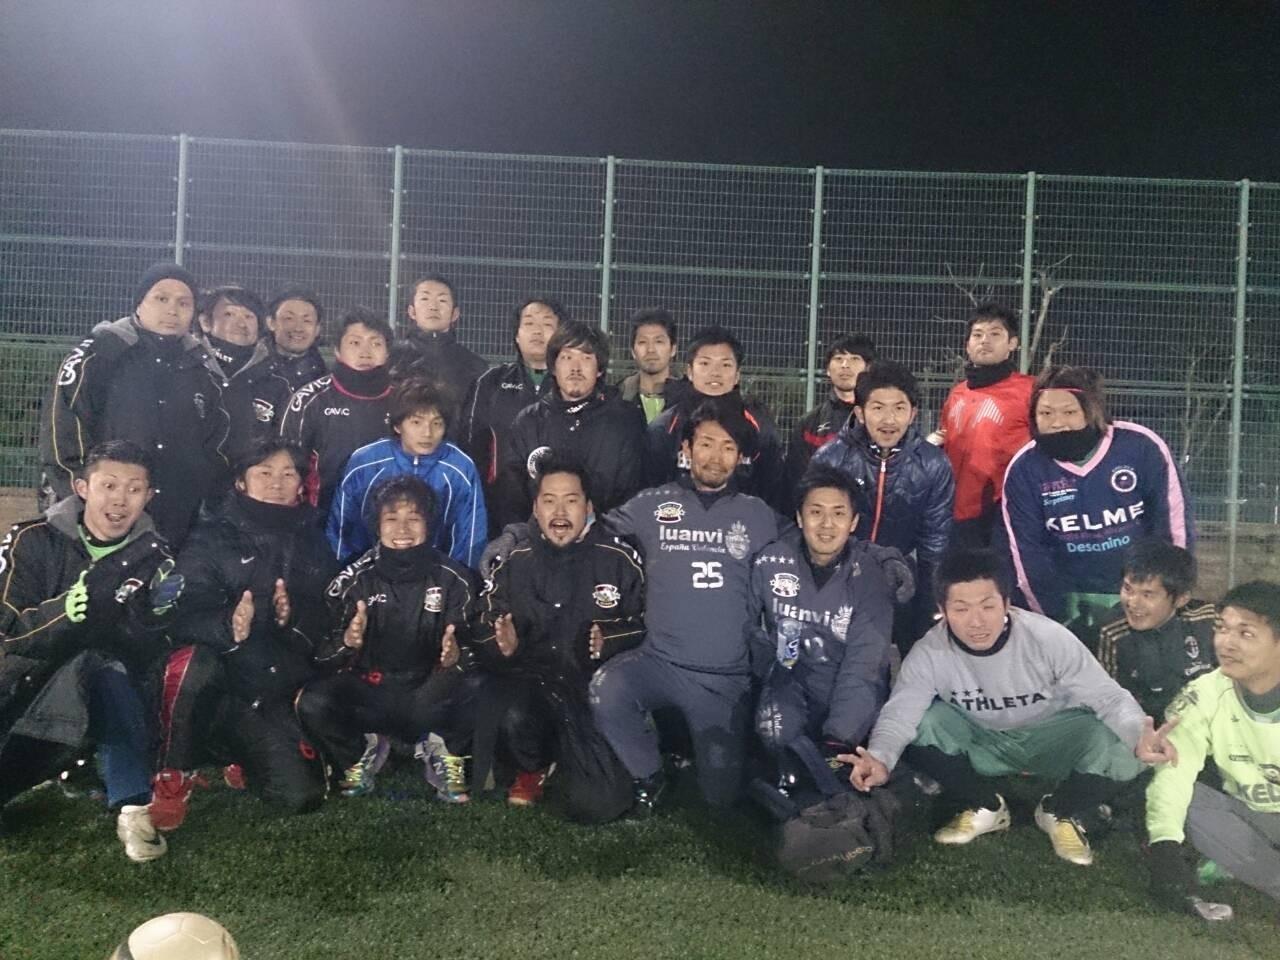 2014/2/16 服部緑地人工芝サッカー場 vs Atletico vs 北摂ユナイテッド